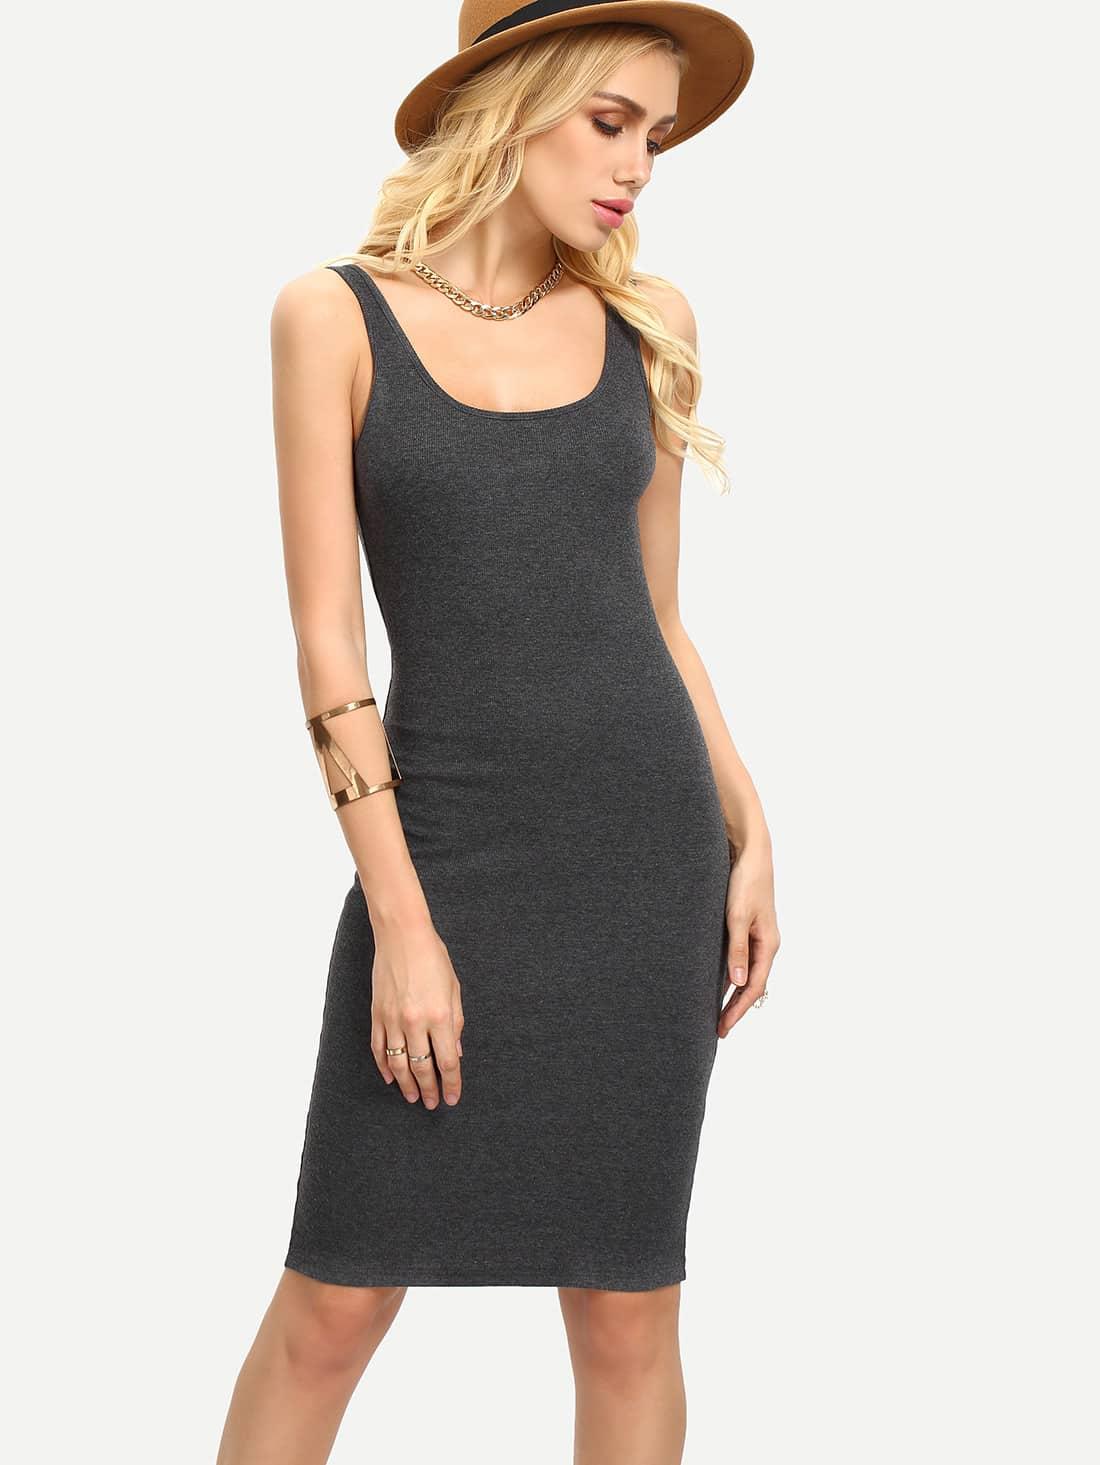 Фото Scoop Neck Sleeveless Bodycon Dress. Купить с доставкой